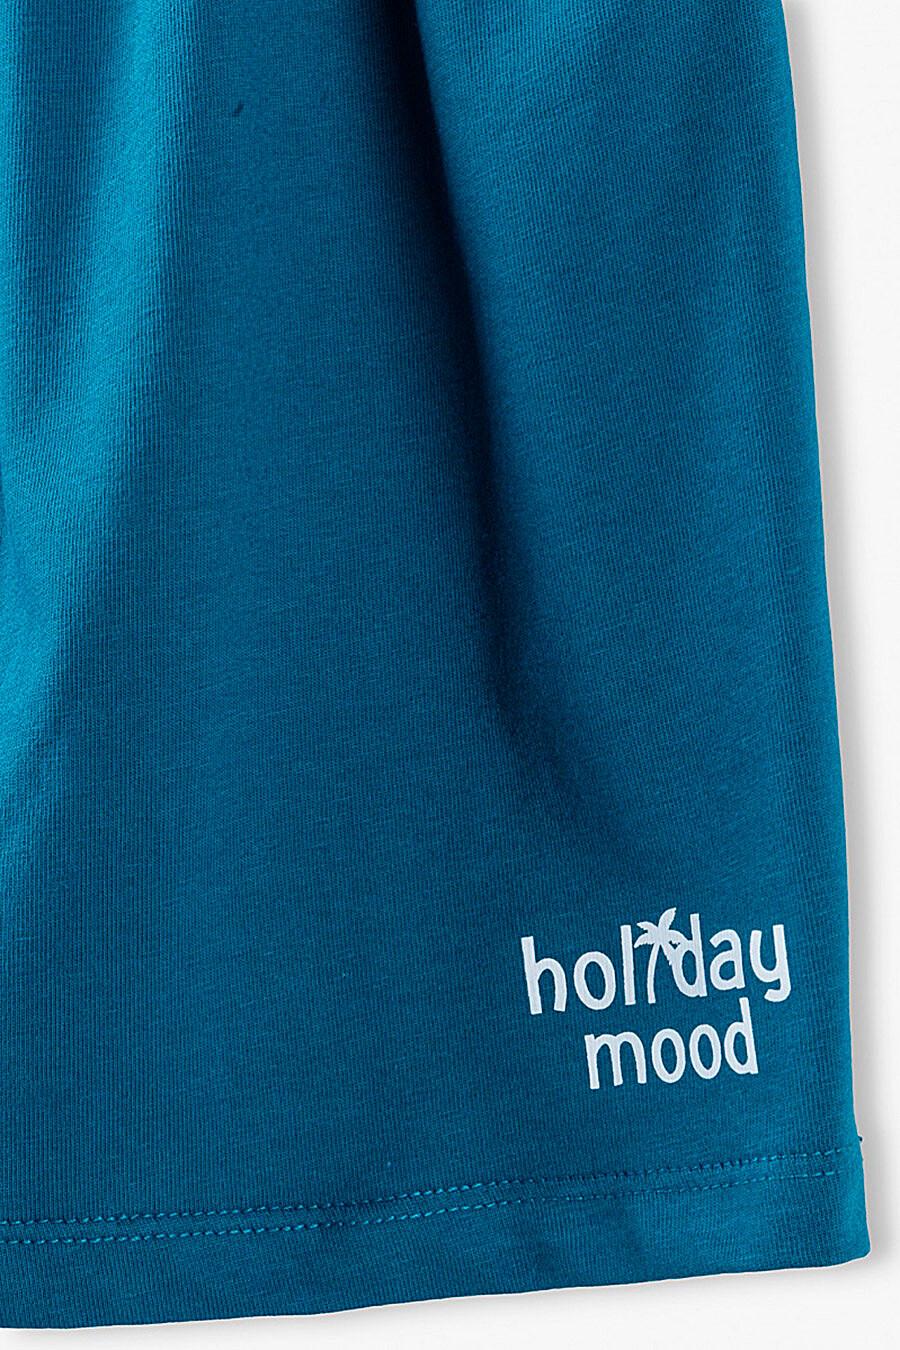 Юбка для девочек 5.10.15 707018 купить оптом от производителя. Совместная покупка детской одежды в OptMoyo